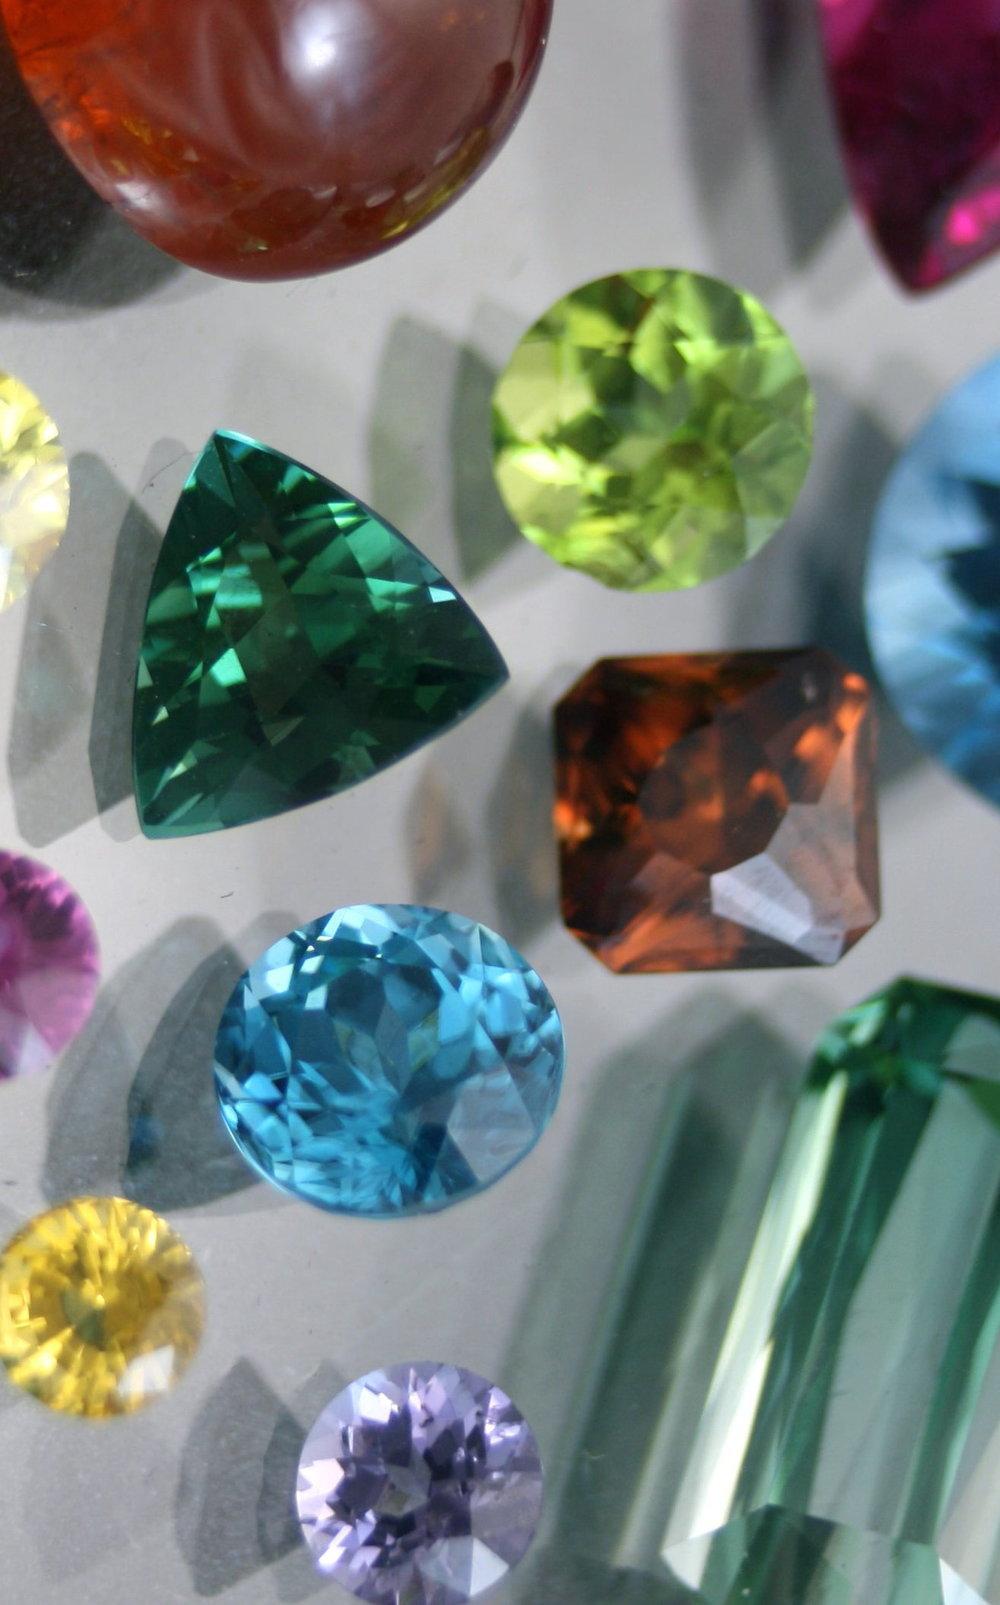 gems2 crop (2).jpg